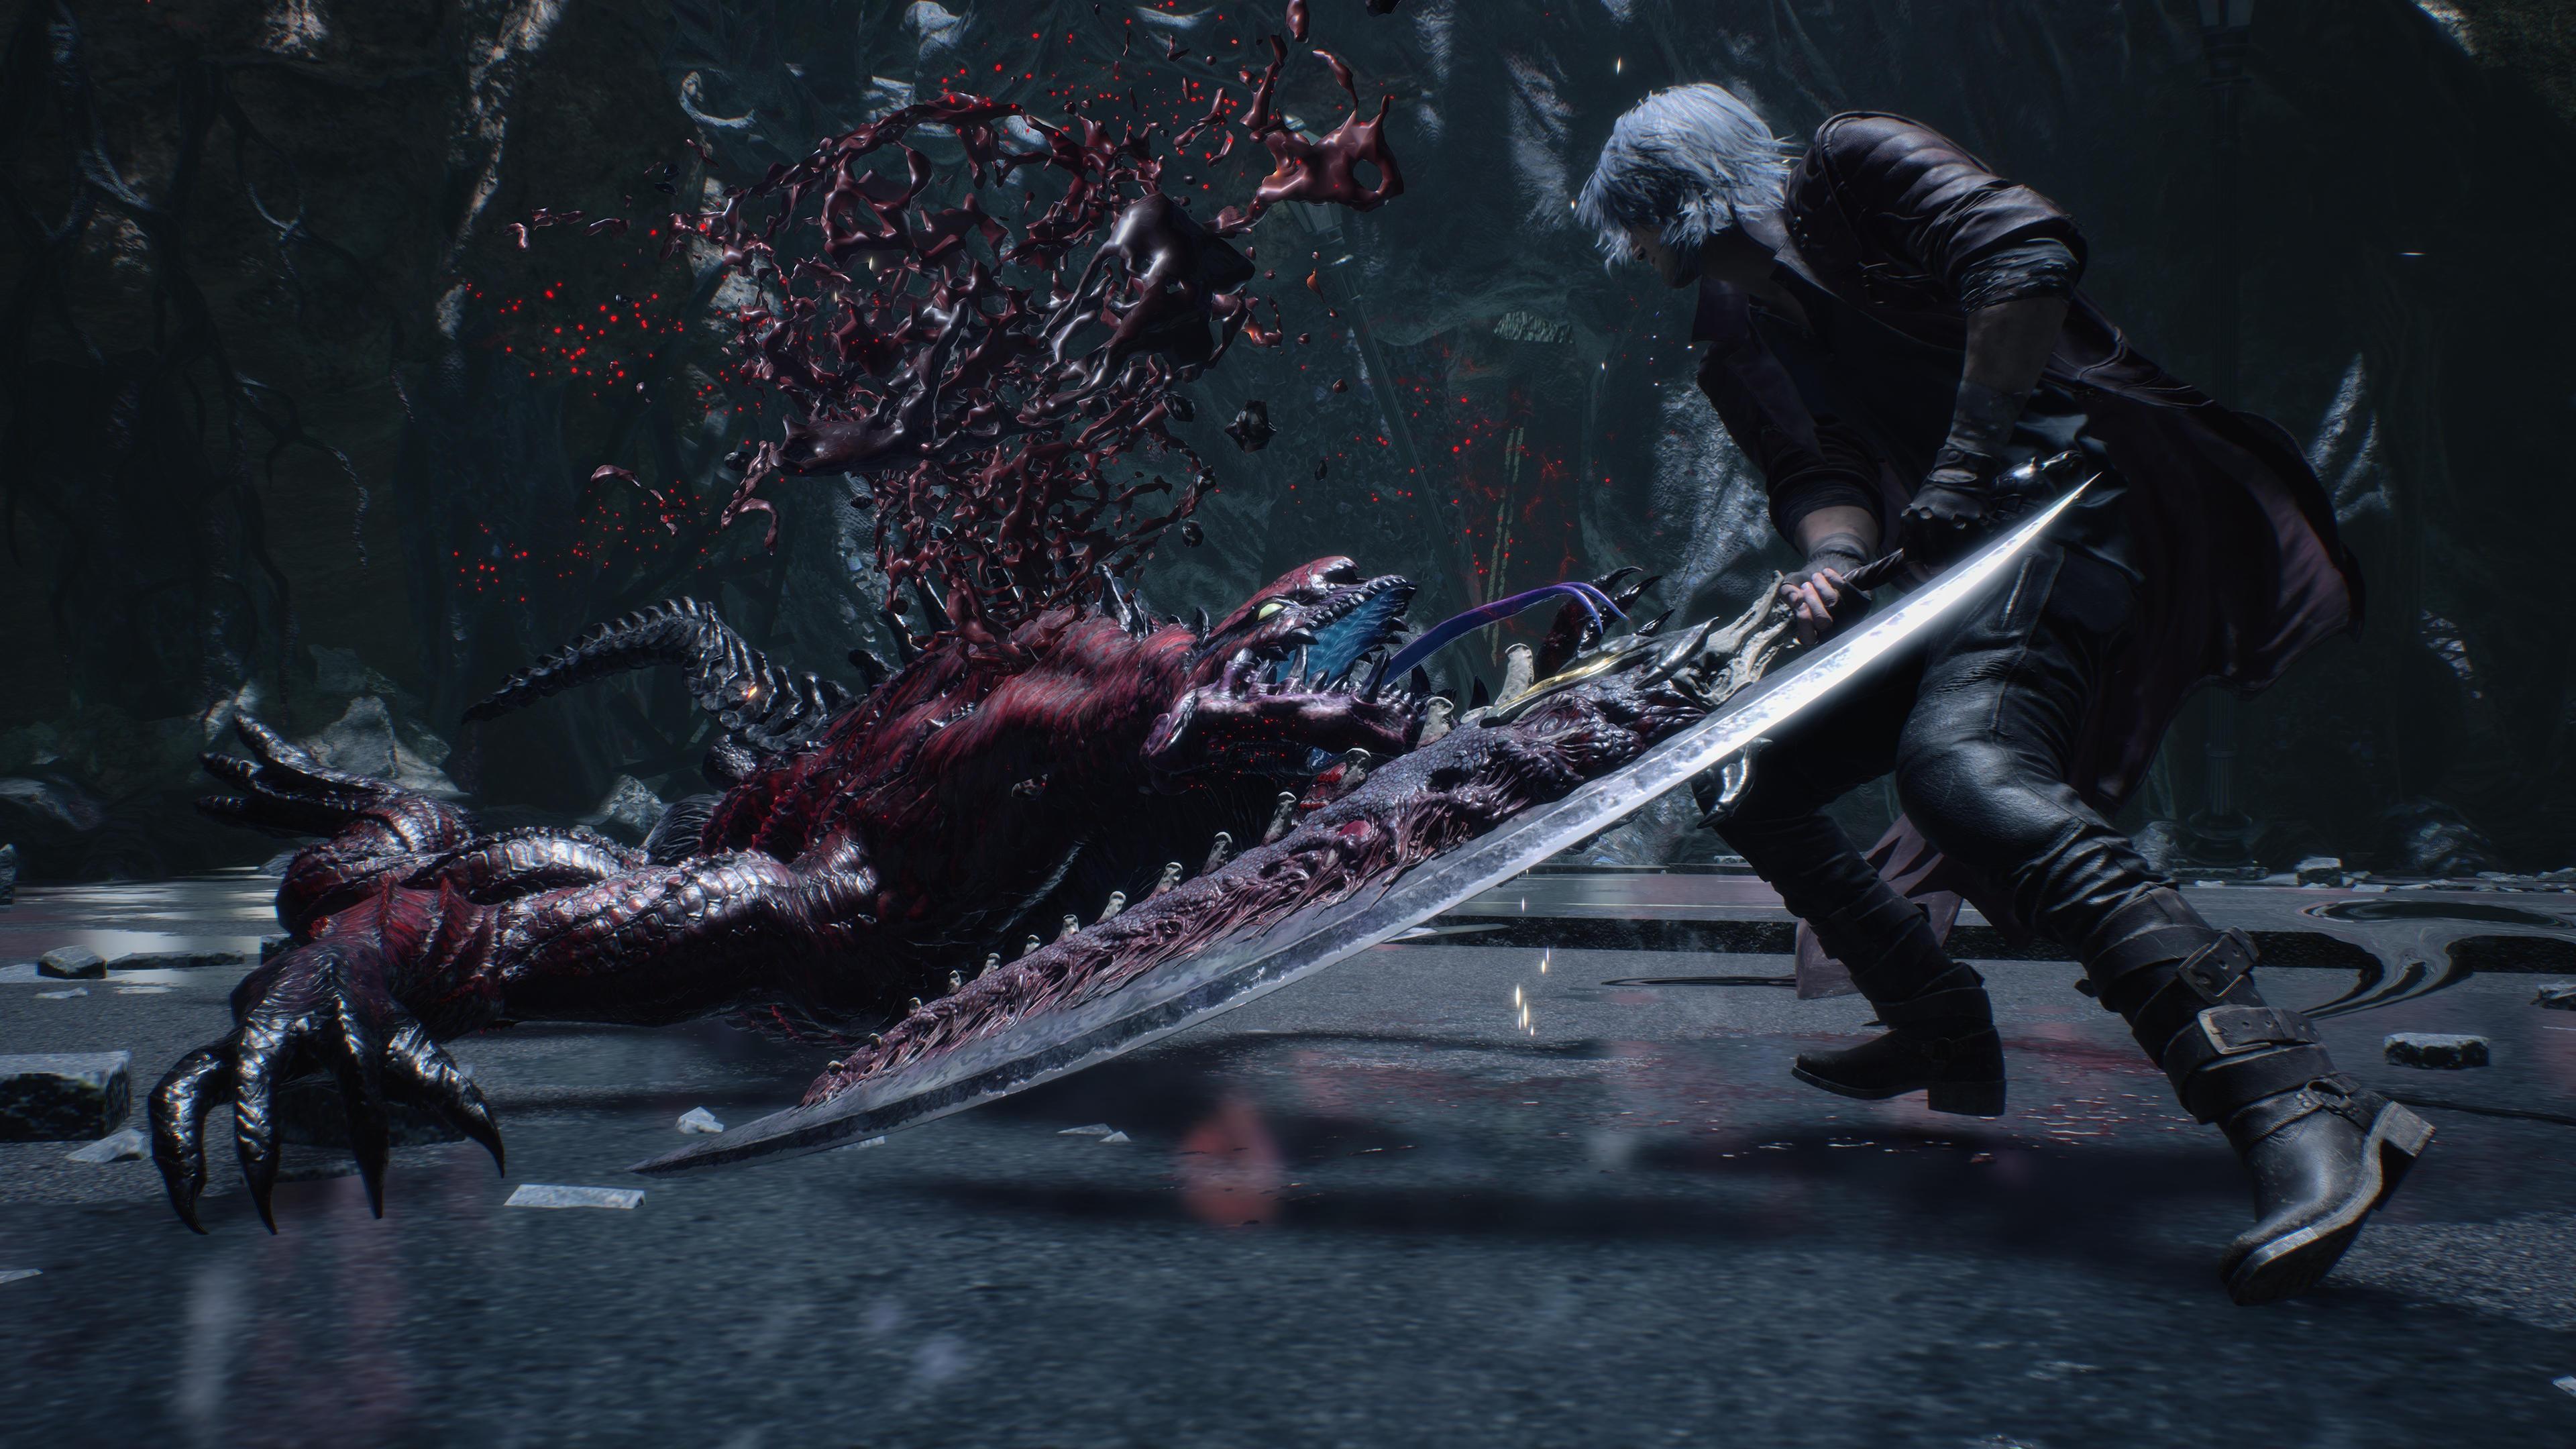 《鬼泣5:特别版》光追截图对比 传奇黑骑士模式和加速模式演示